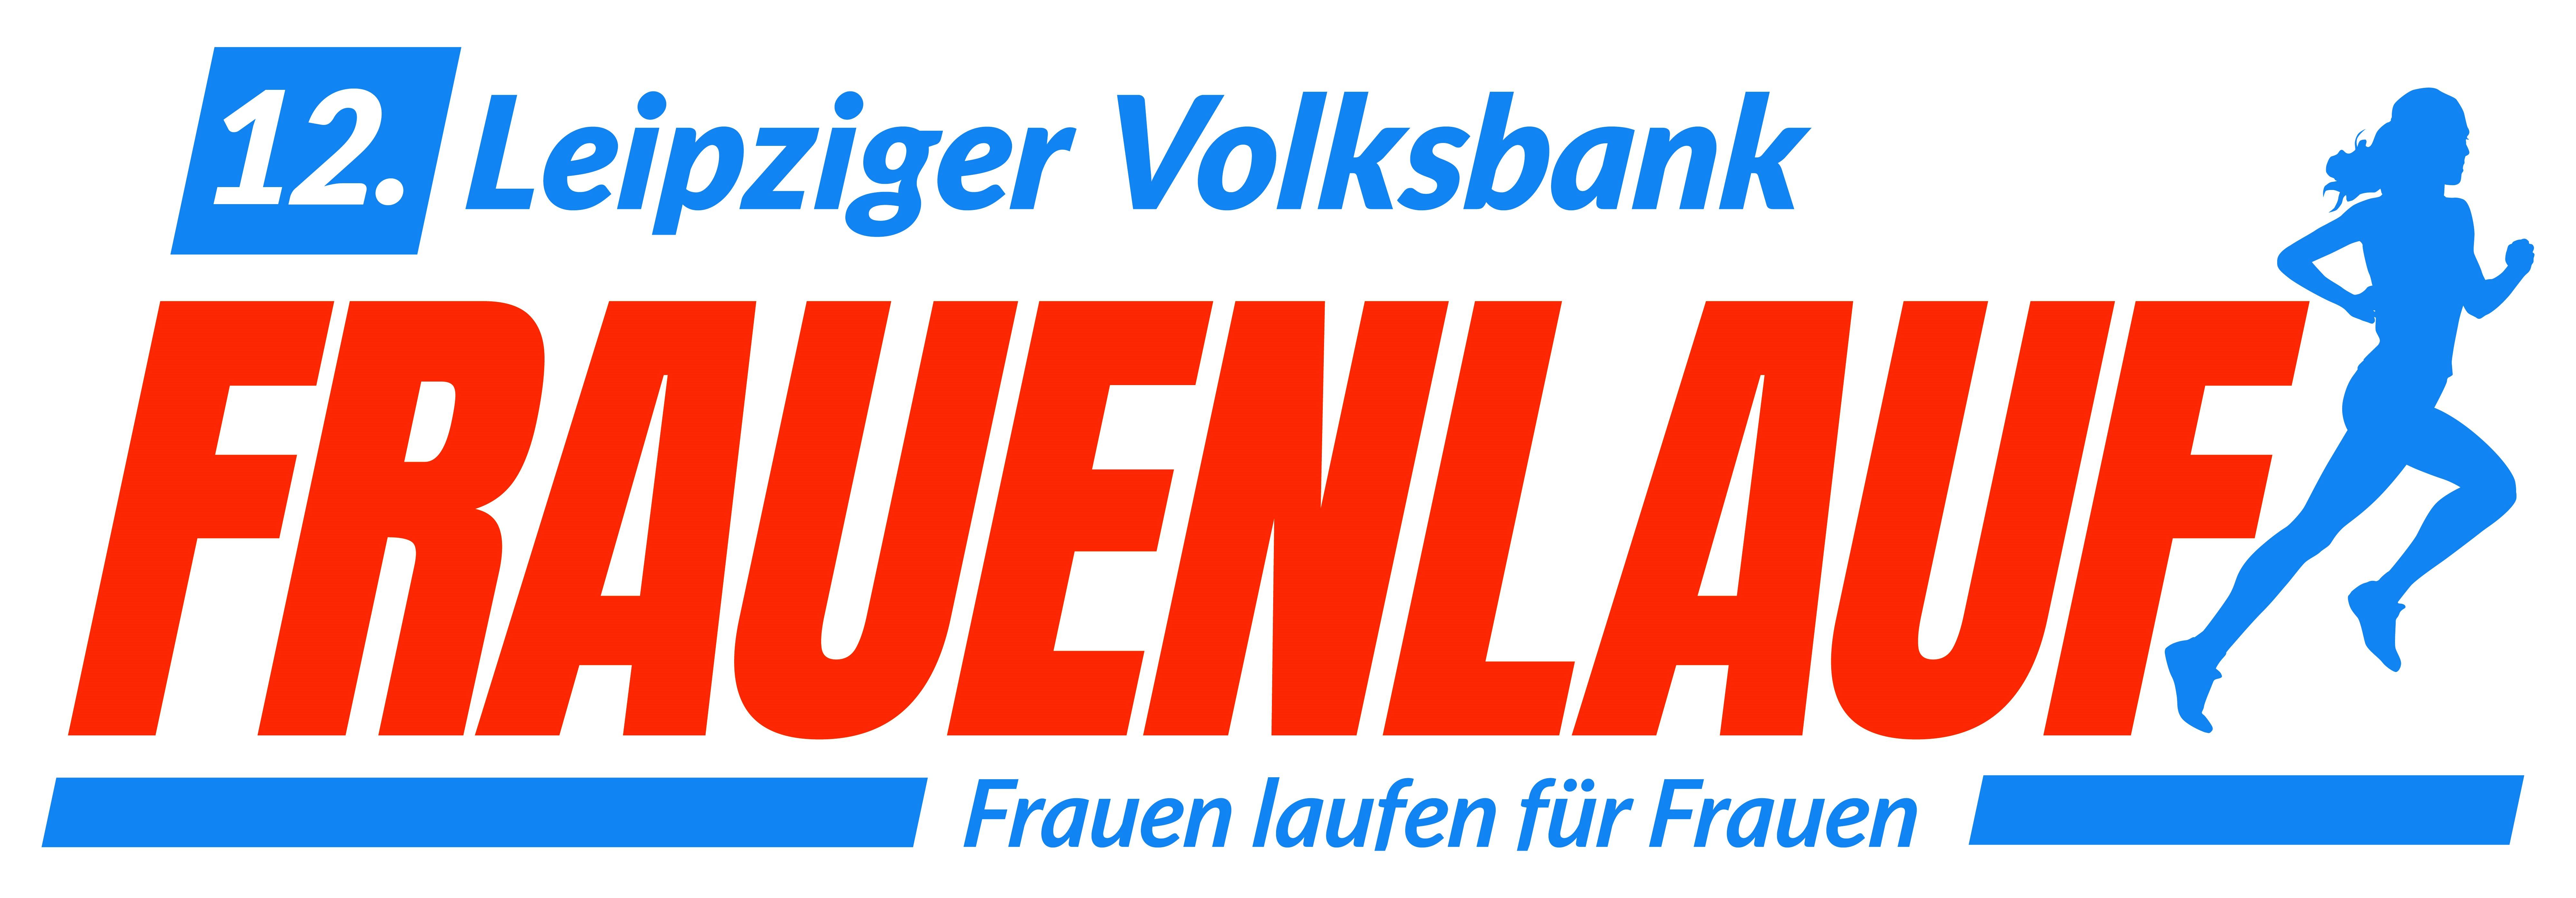 10 Leipziger Volksbank Frauenlauf Baer Service Wir Haben Die